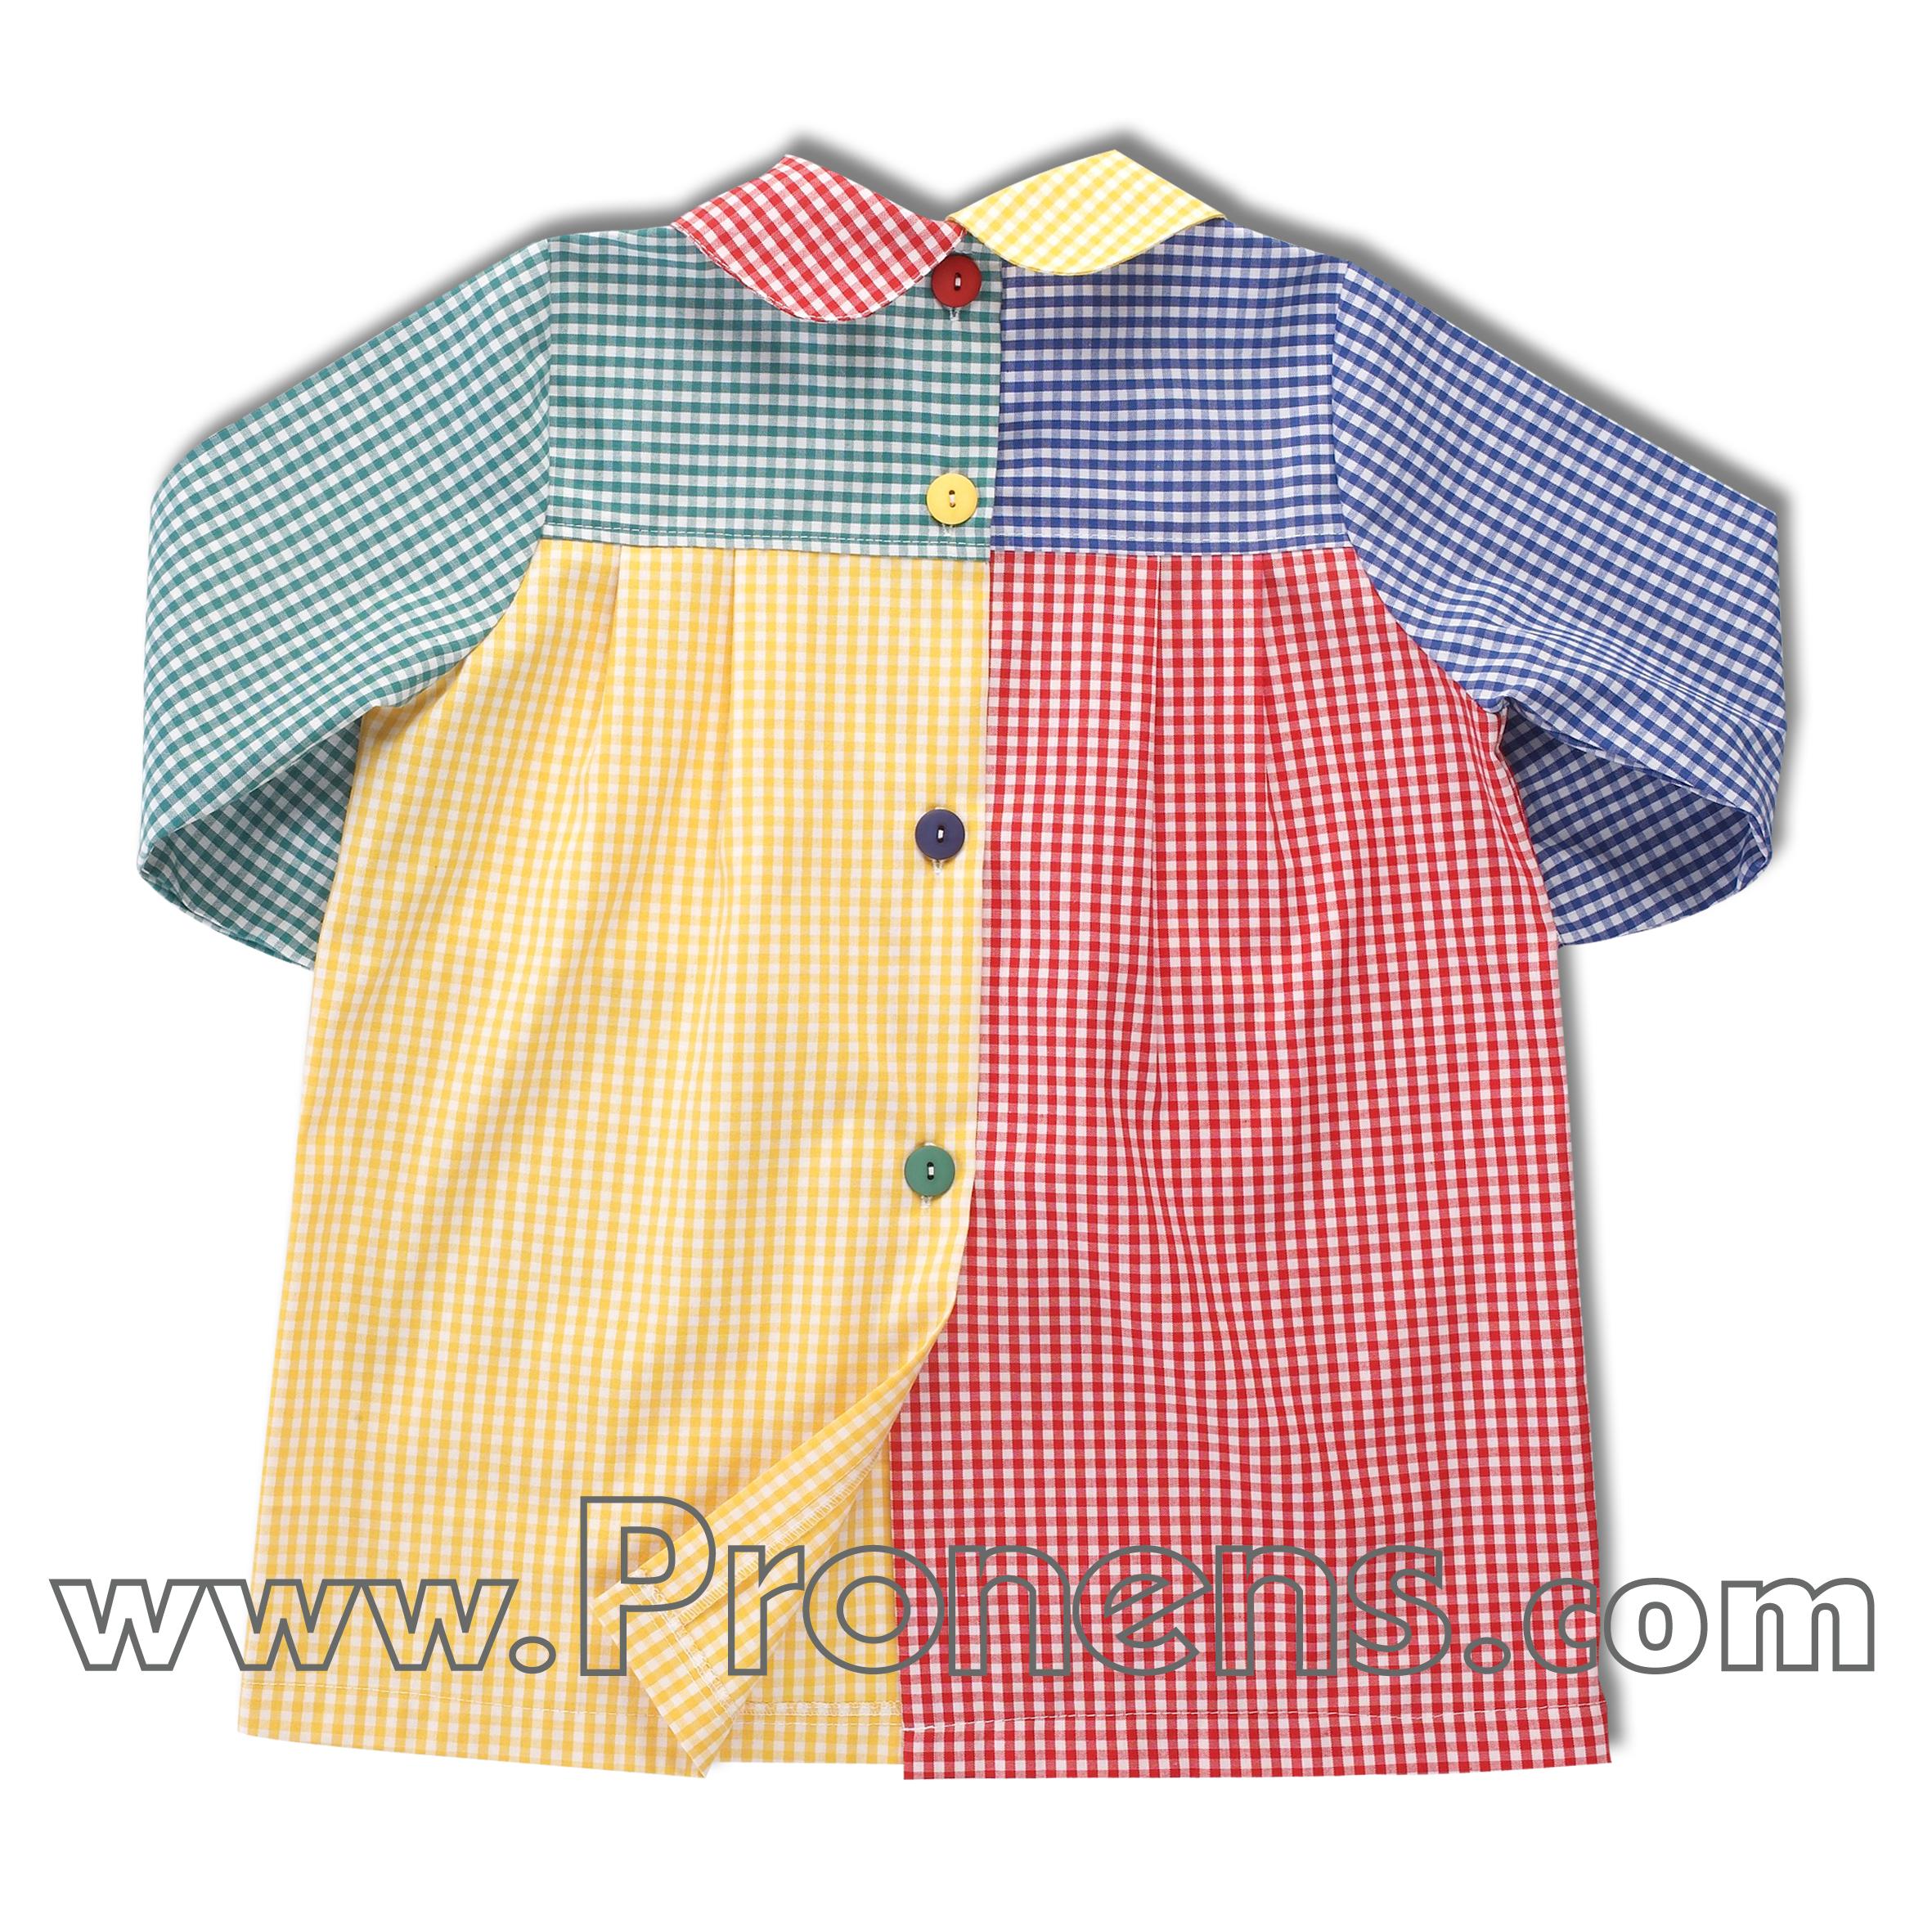 Batas babys escolares patchwork uniformes escolares - Babis escolares carrefour ...